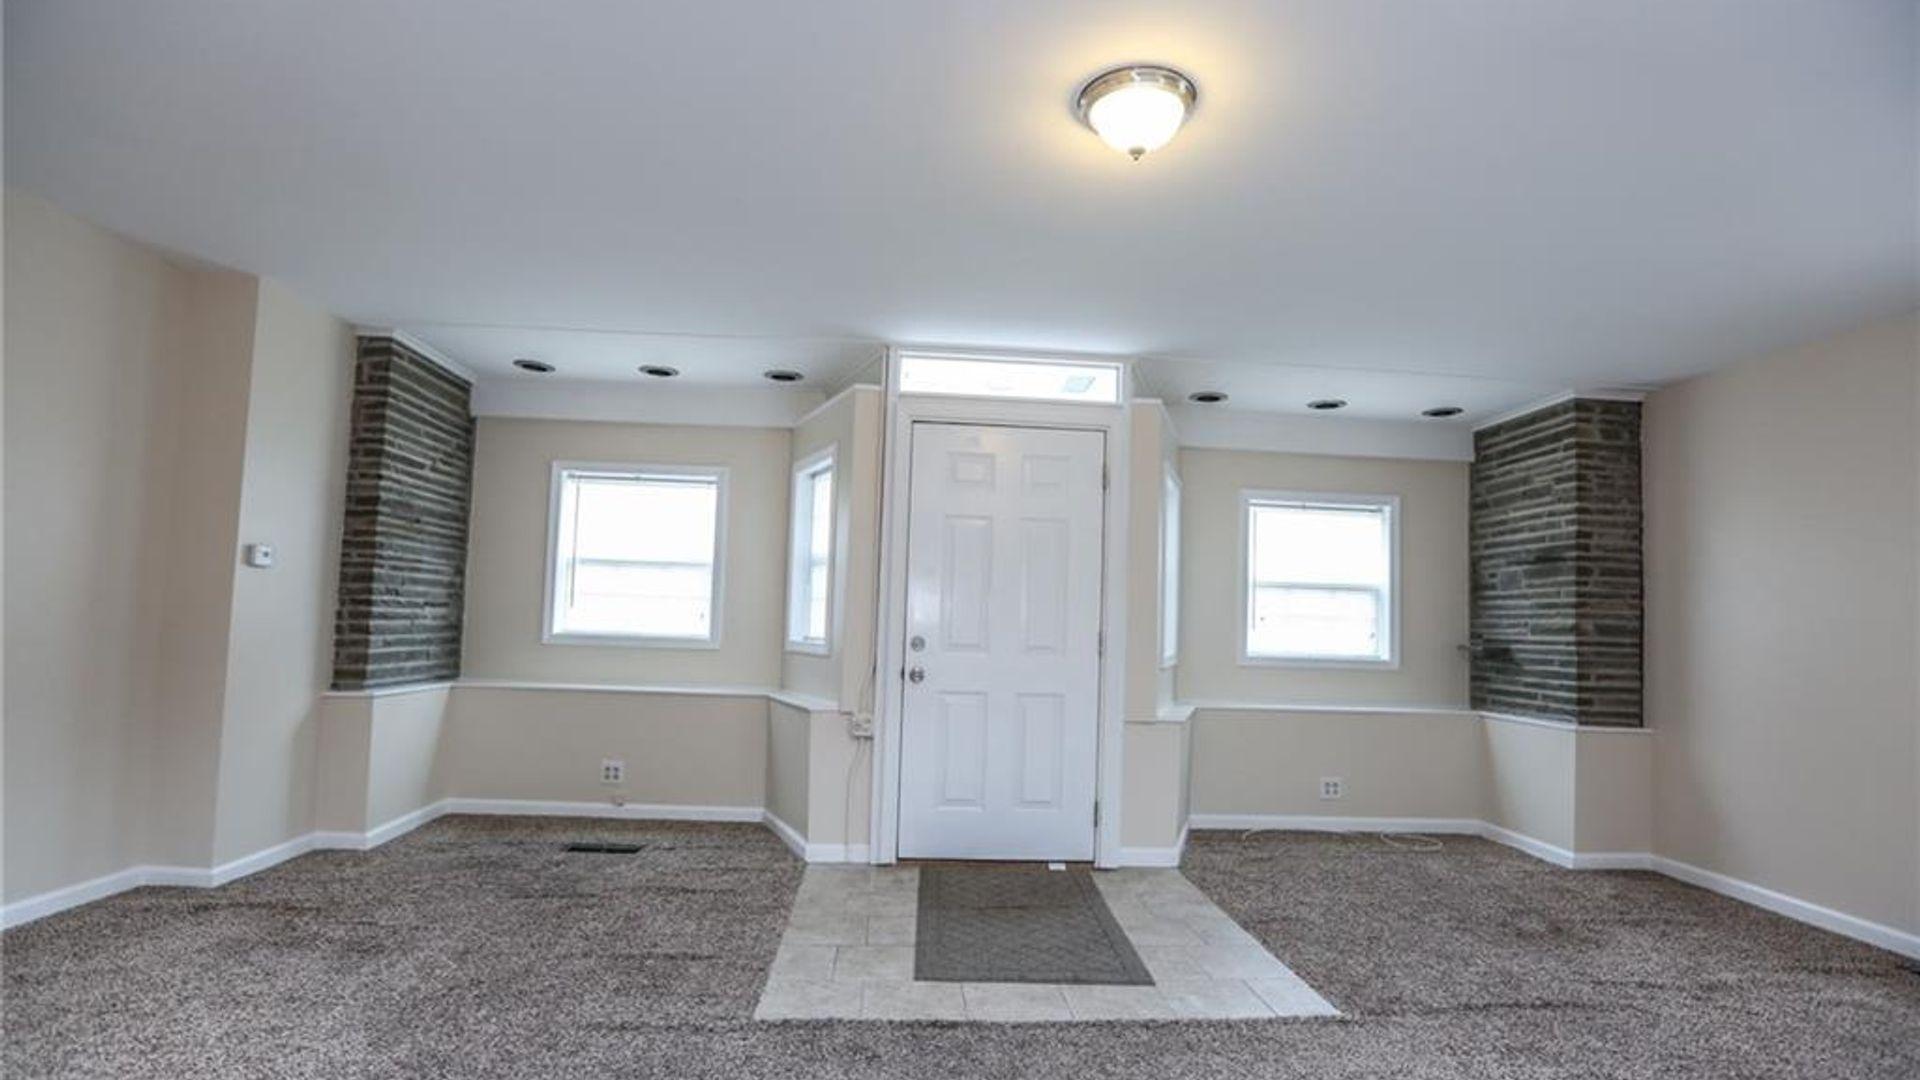 1 bedroom apartment at washington ave rochester ny usa